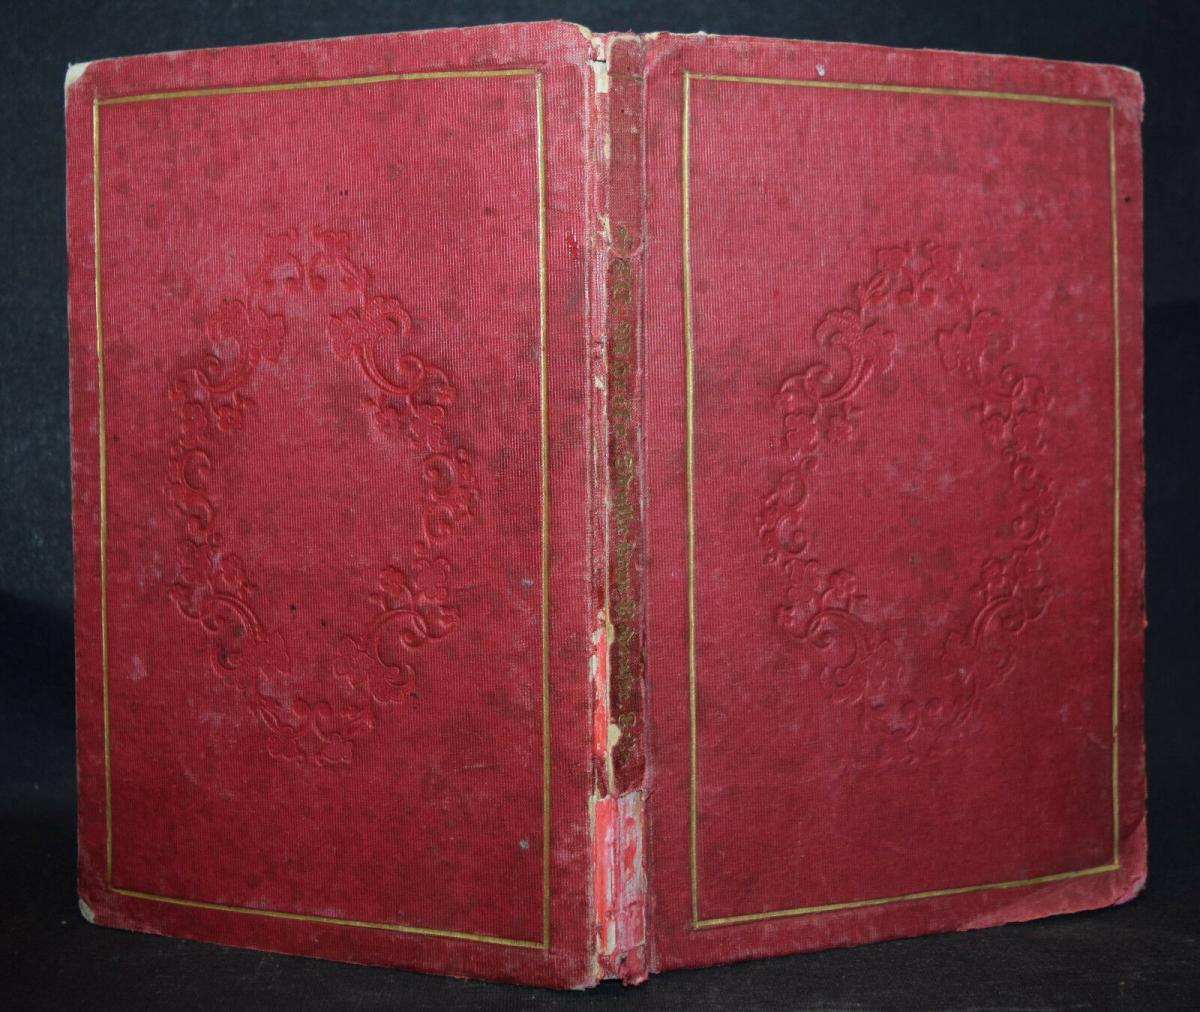 EDUARD MÖRIKE - IDYLLE VOM BODENSEE - 1846 - ERSTE AUSGABE 1